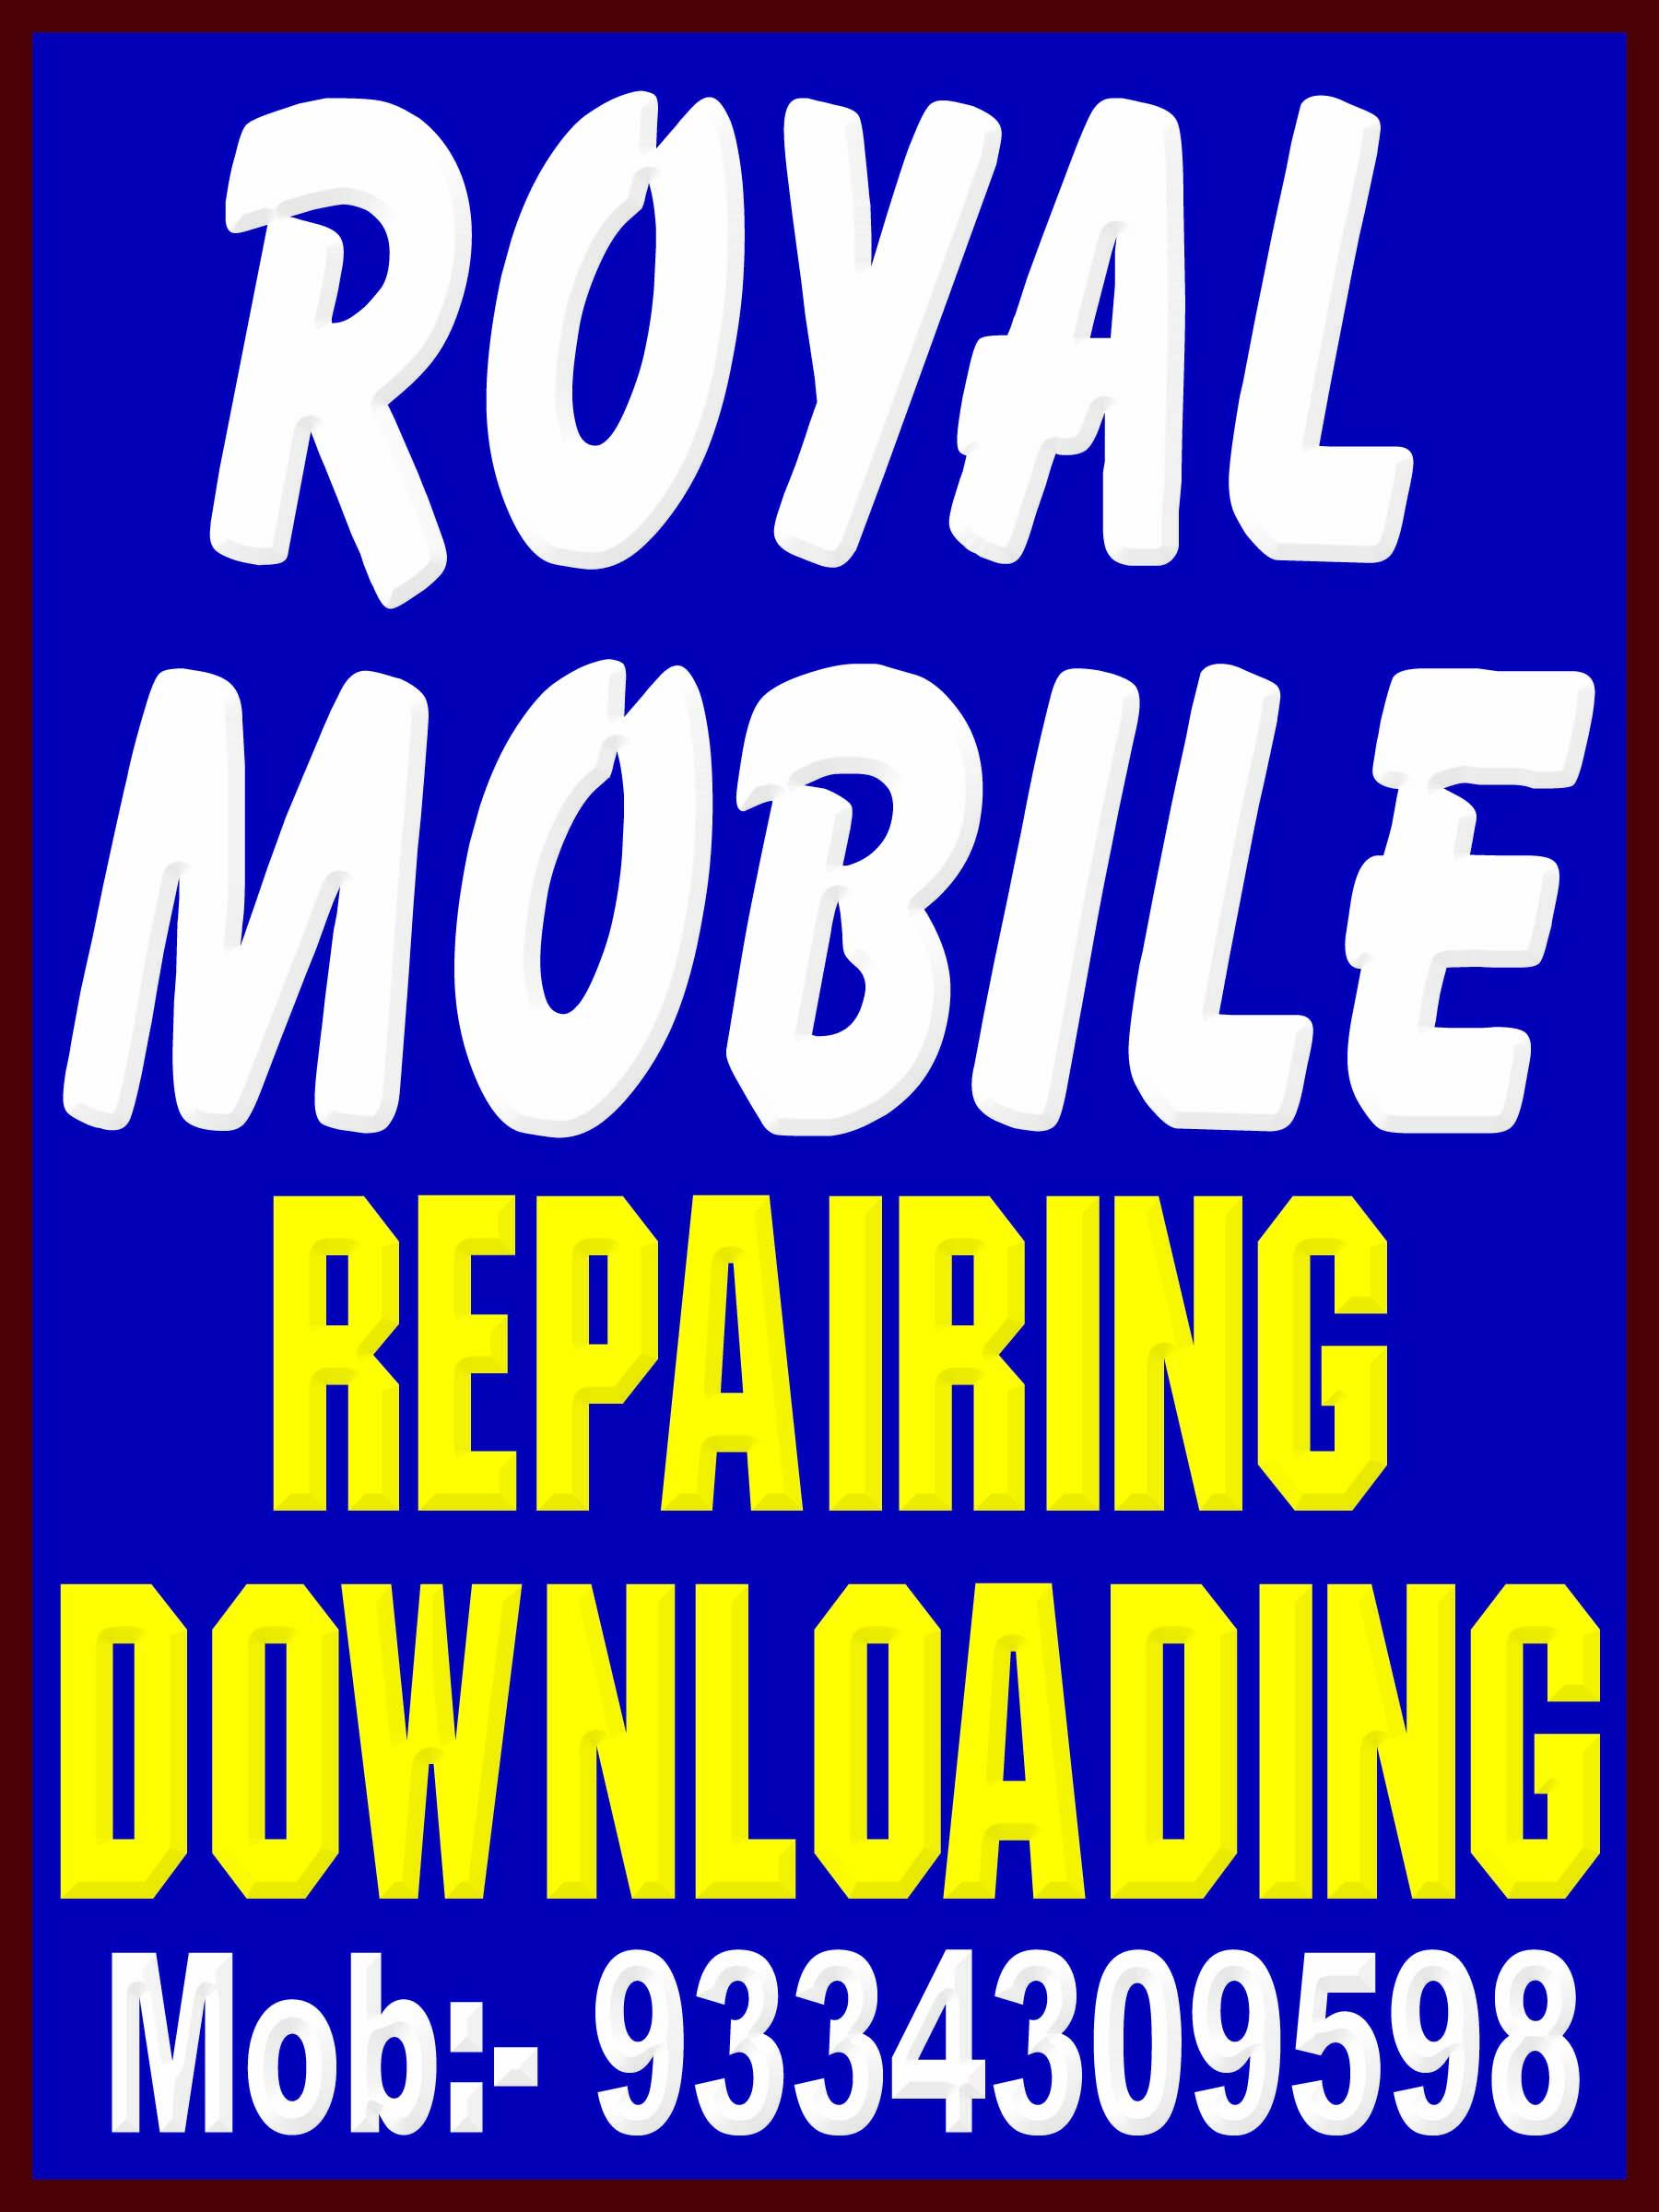 Royal Mobile Repairing